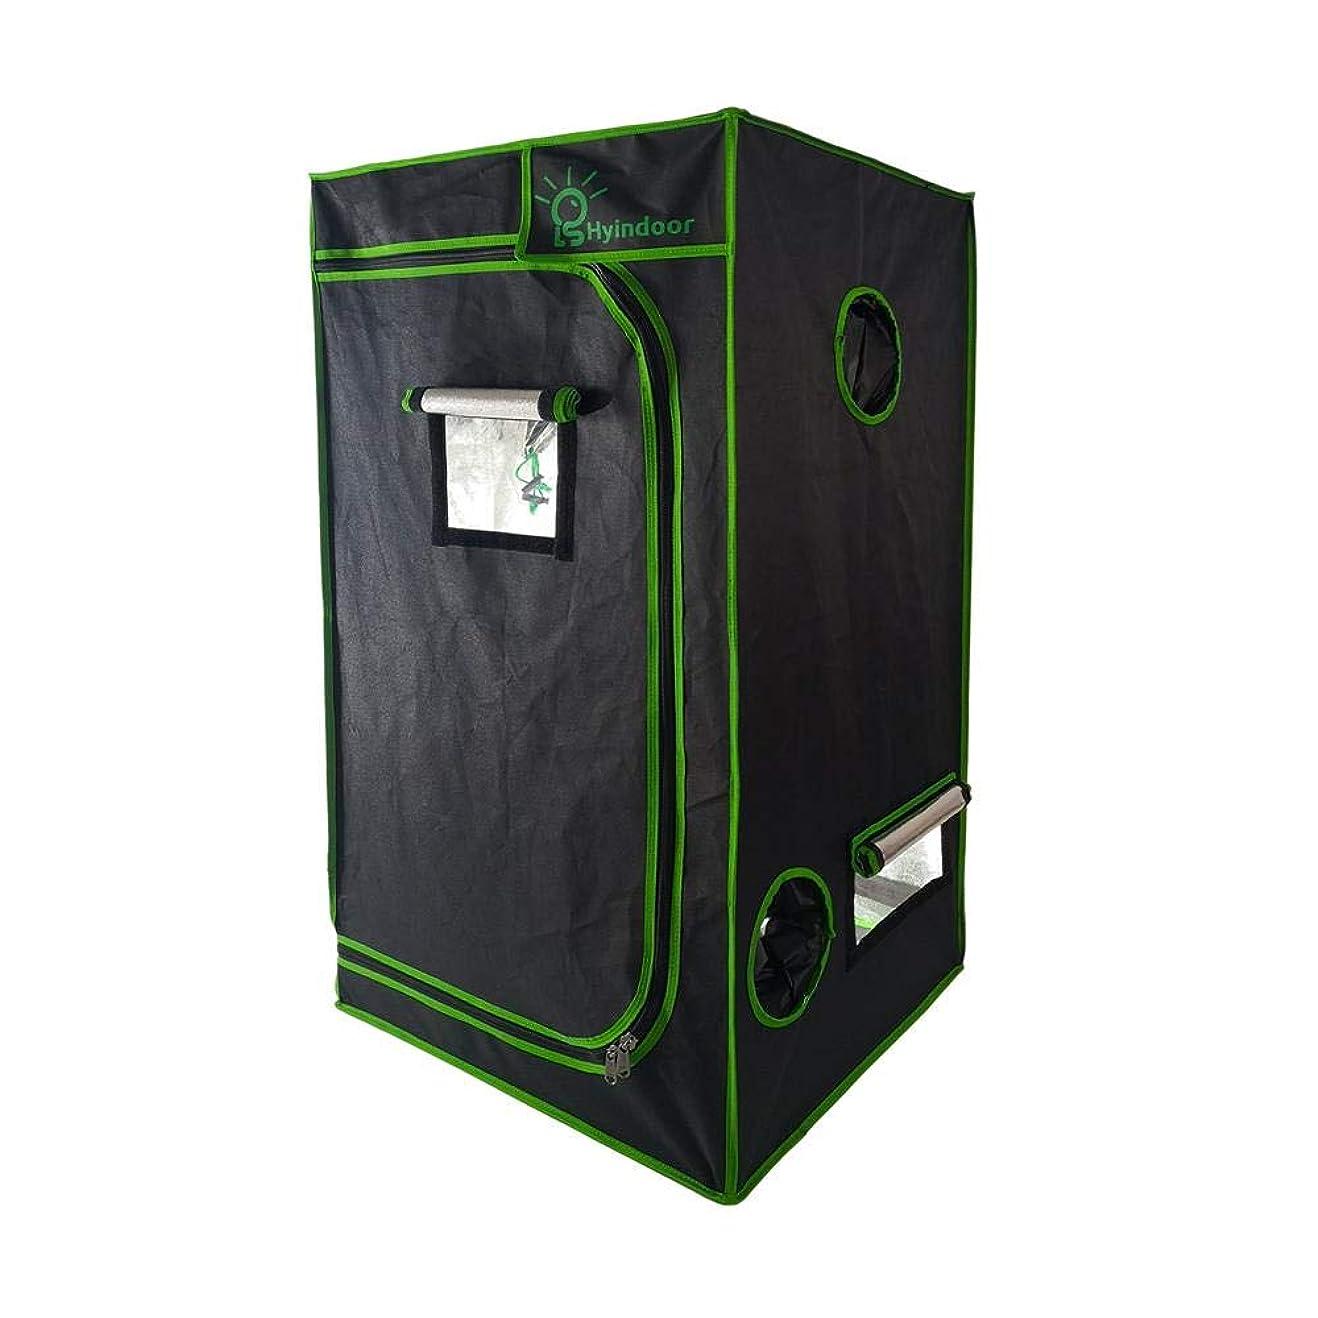 郊外酔っ払い膨らませるLS Hyindoor 80*80*160cm 室内水耕栽培 植物育成 グロウボックス 安全遮光なグロウテント 高品質 温室